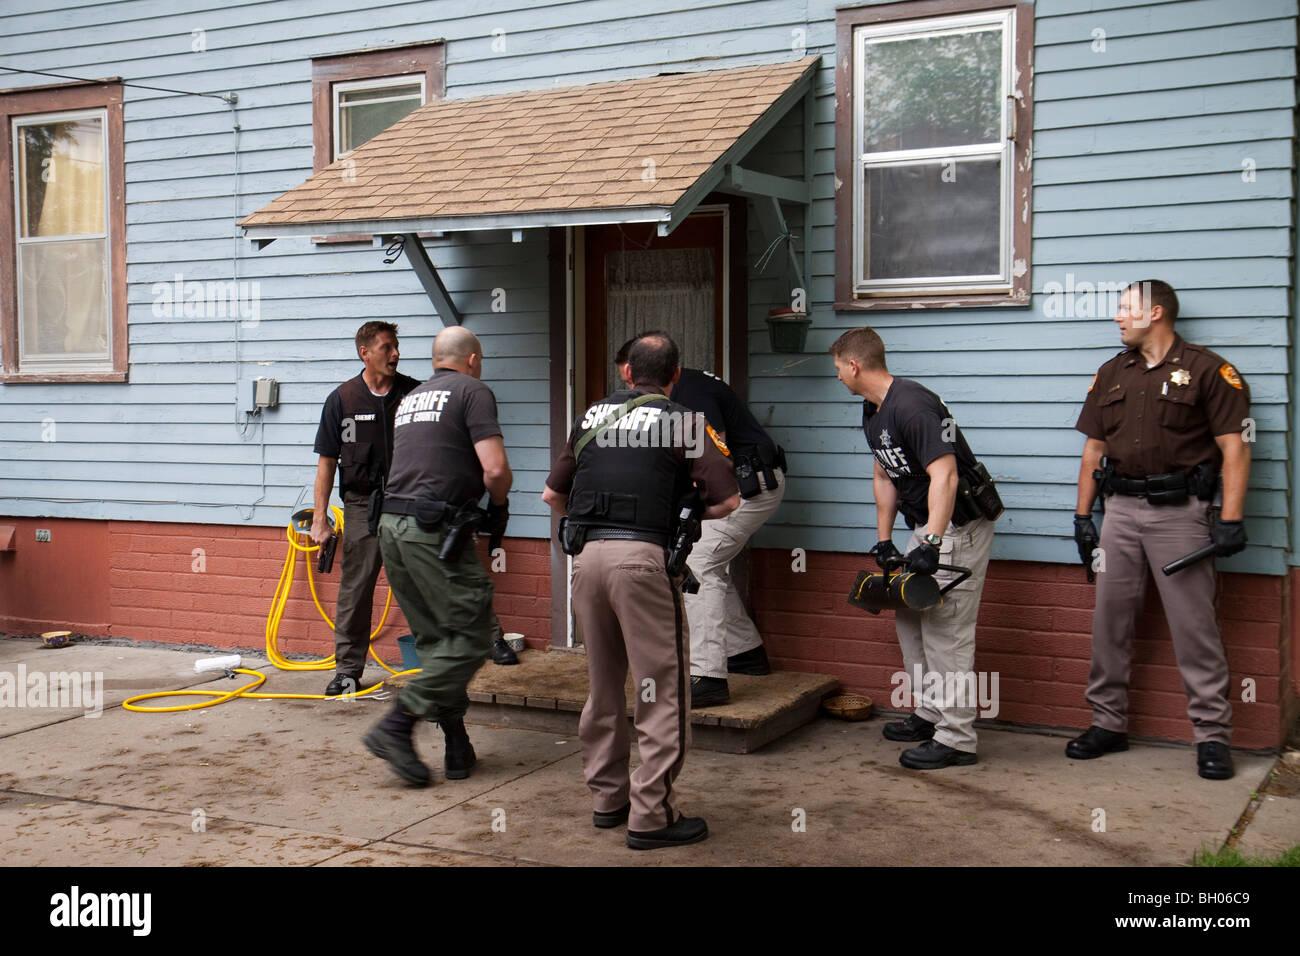 Sheriff's Office deputati che serve in materia di lotta contro la droga di un mandato di perquisizione. Immagini Stock